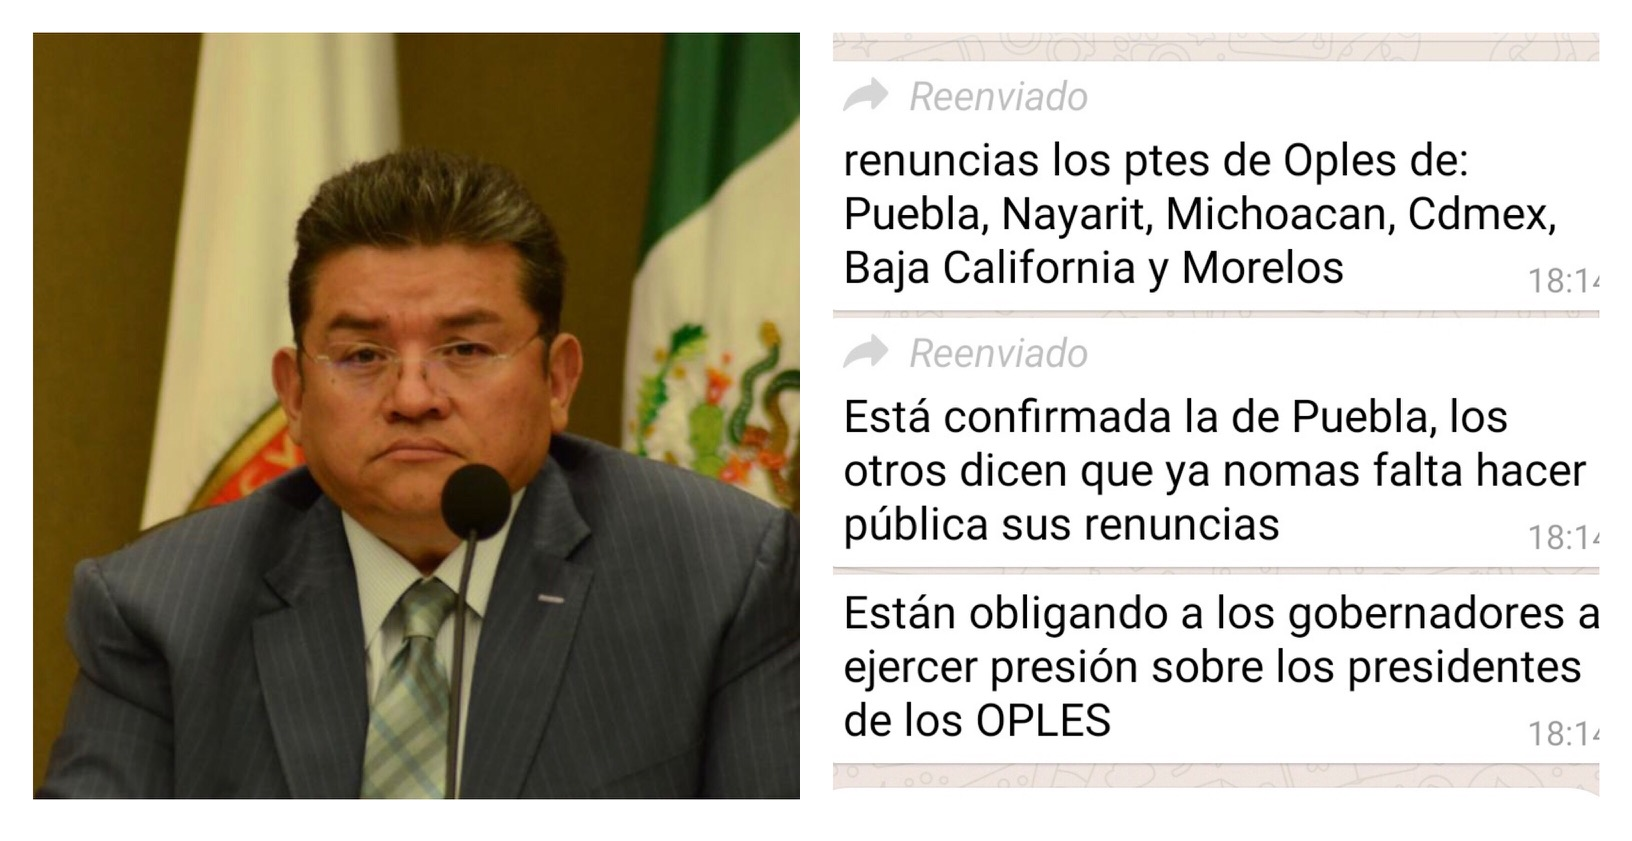 Sorpresivas renuncias en presidencias de OPLES. Pedro Zamudio pensativo.